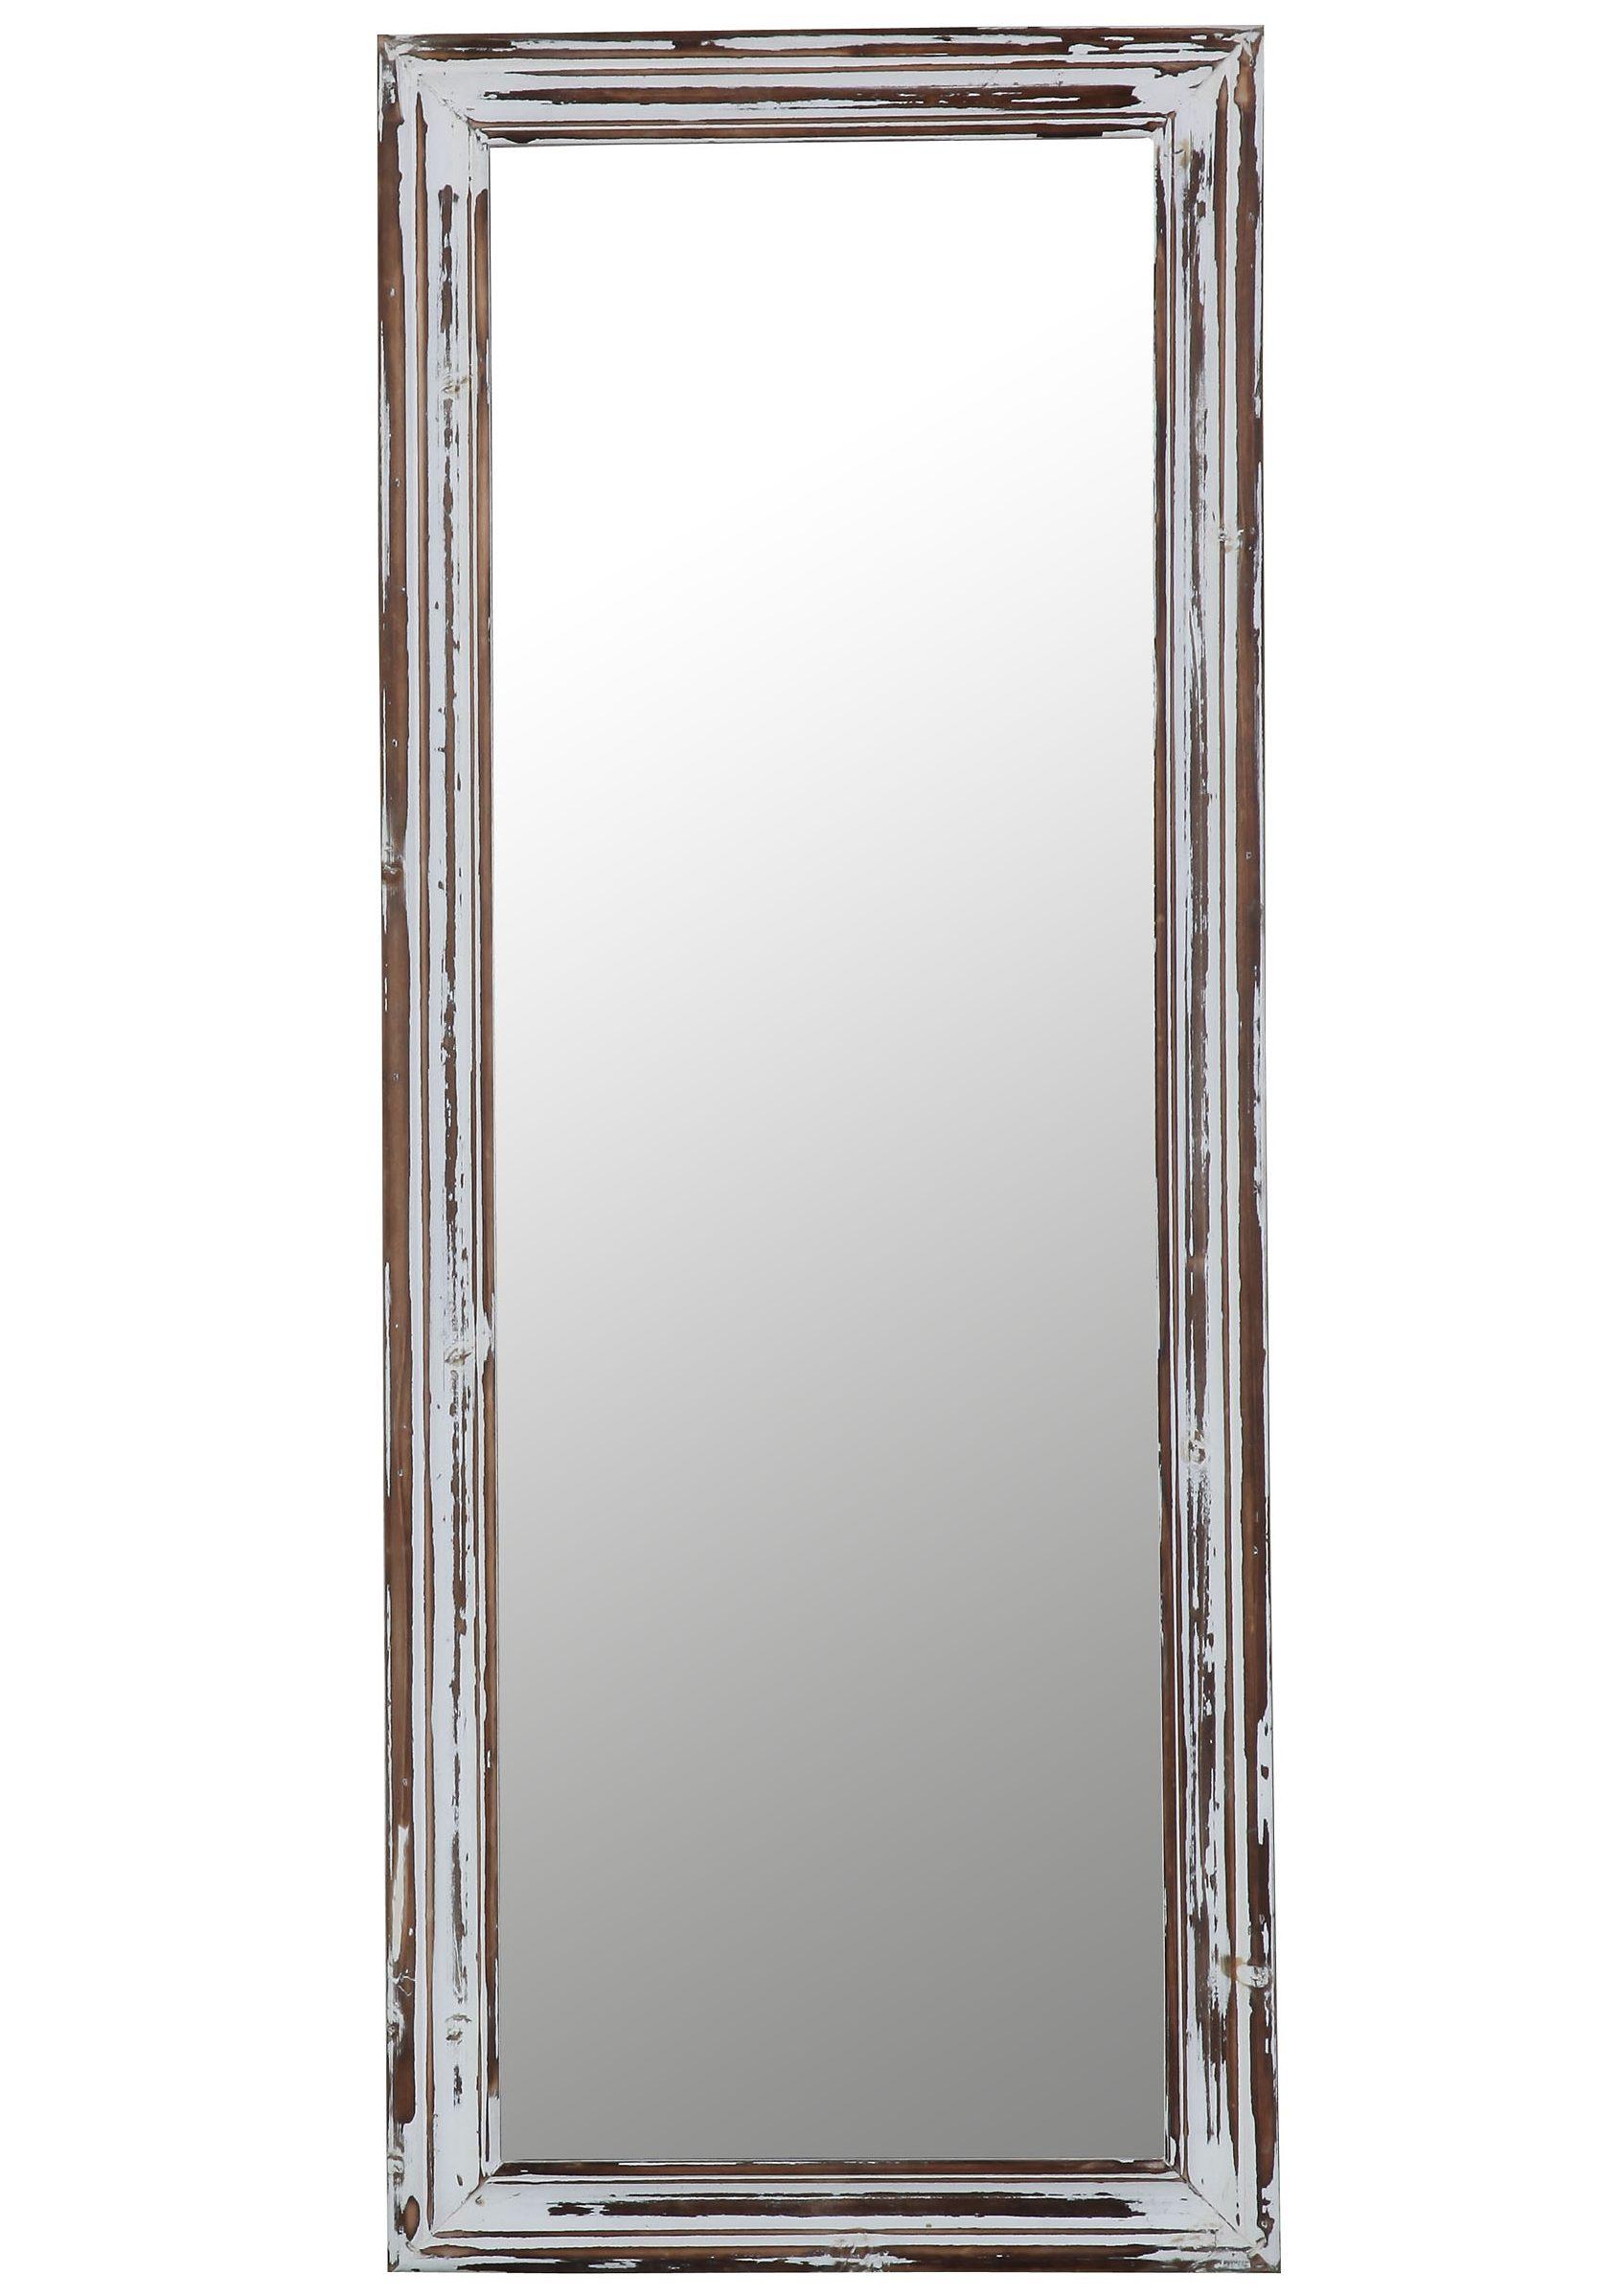 Spiegel, GUTMANN FACTORY, 39/98 cm